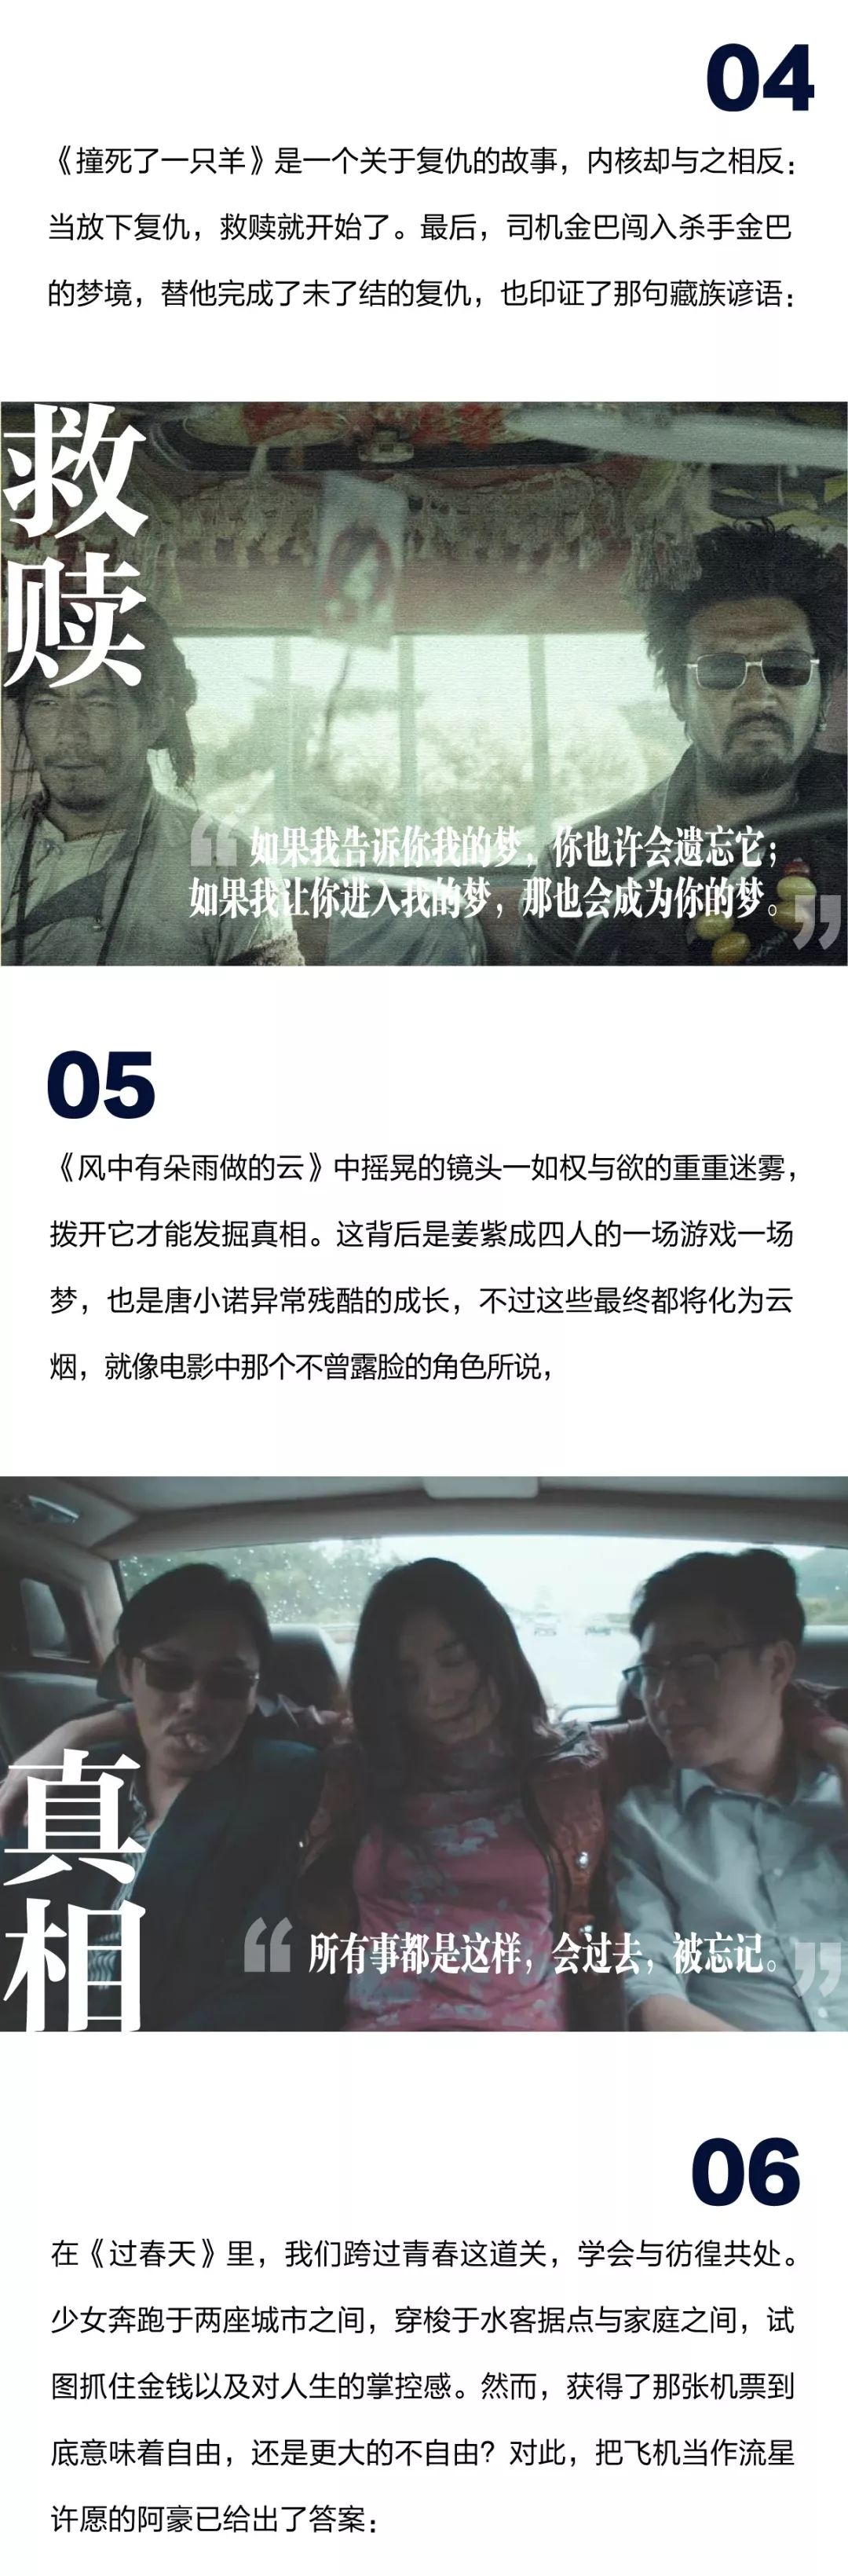 中国电影600亿票房是谁创造的?